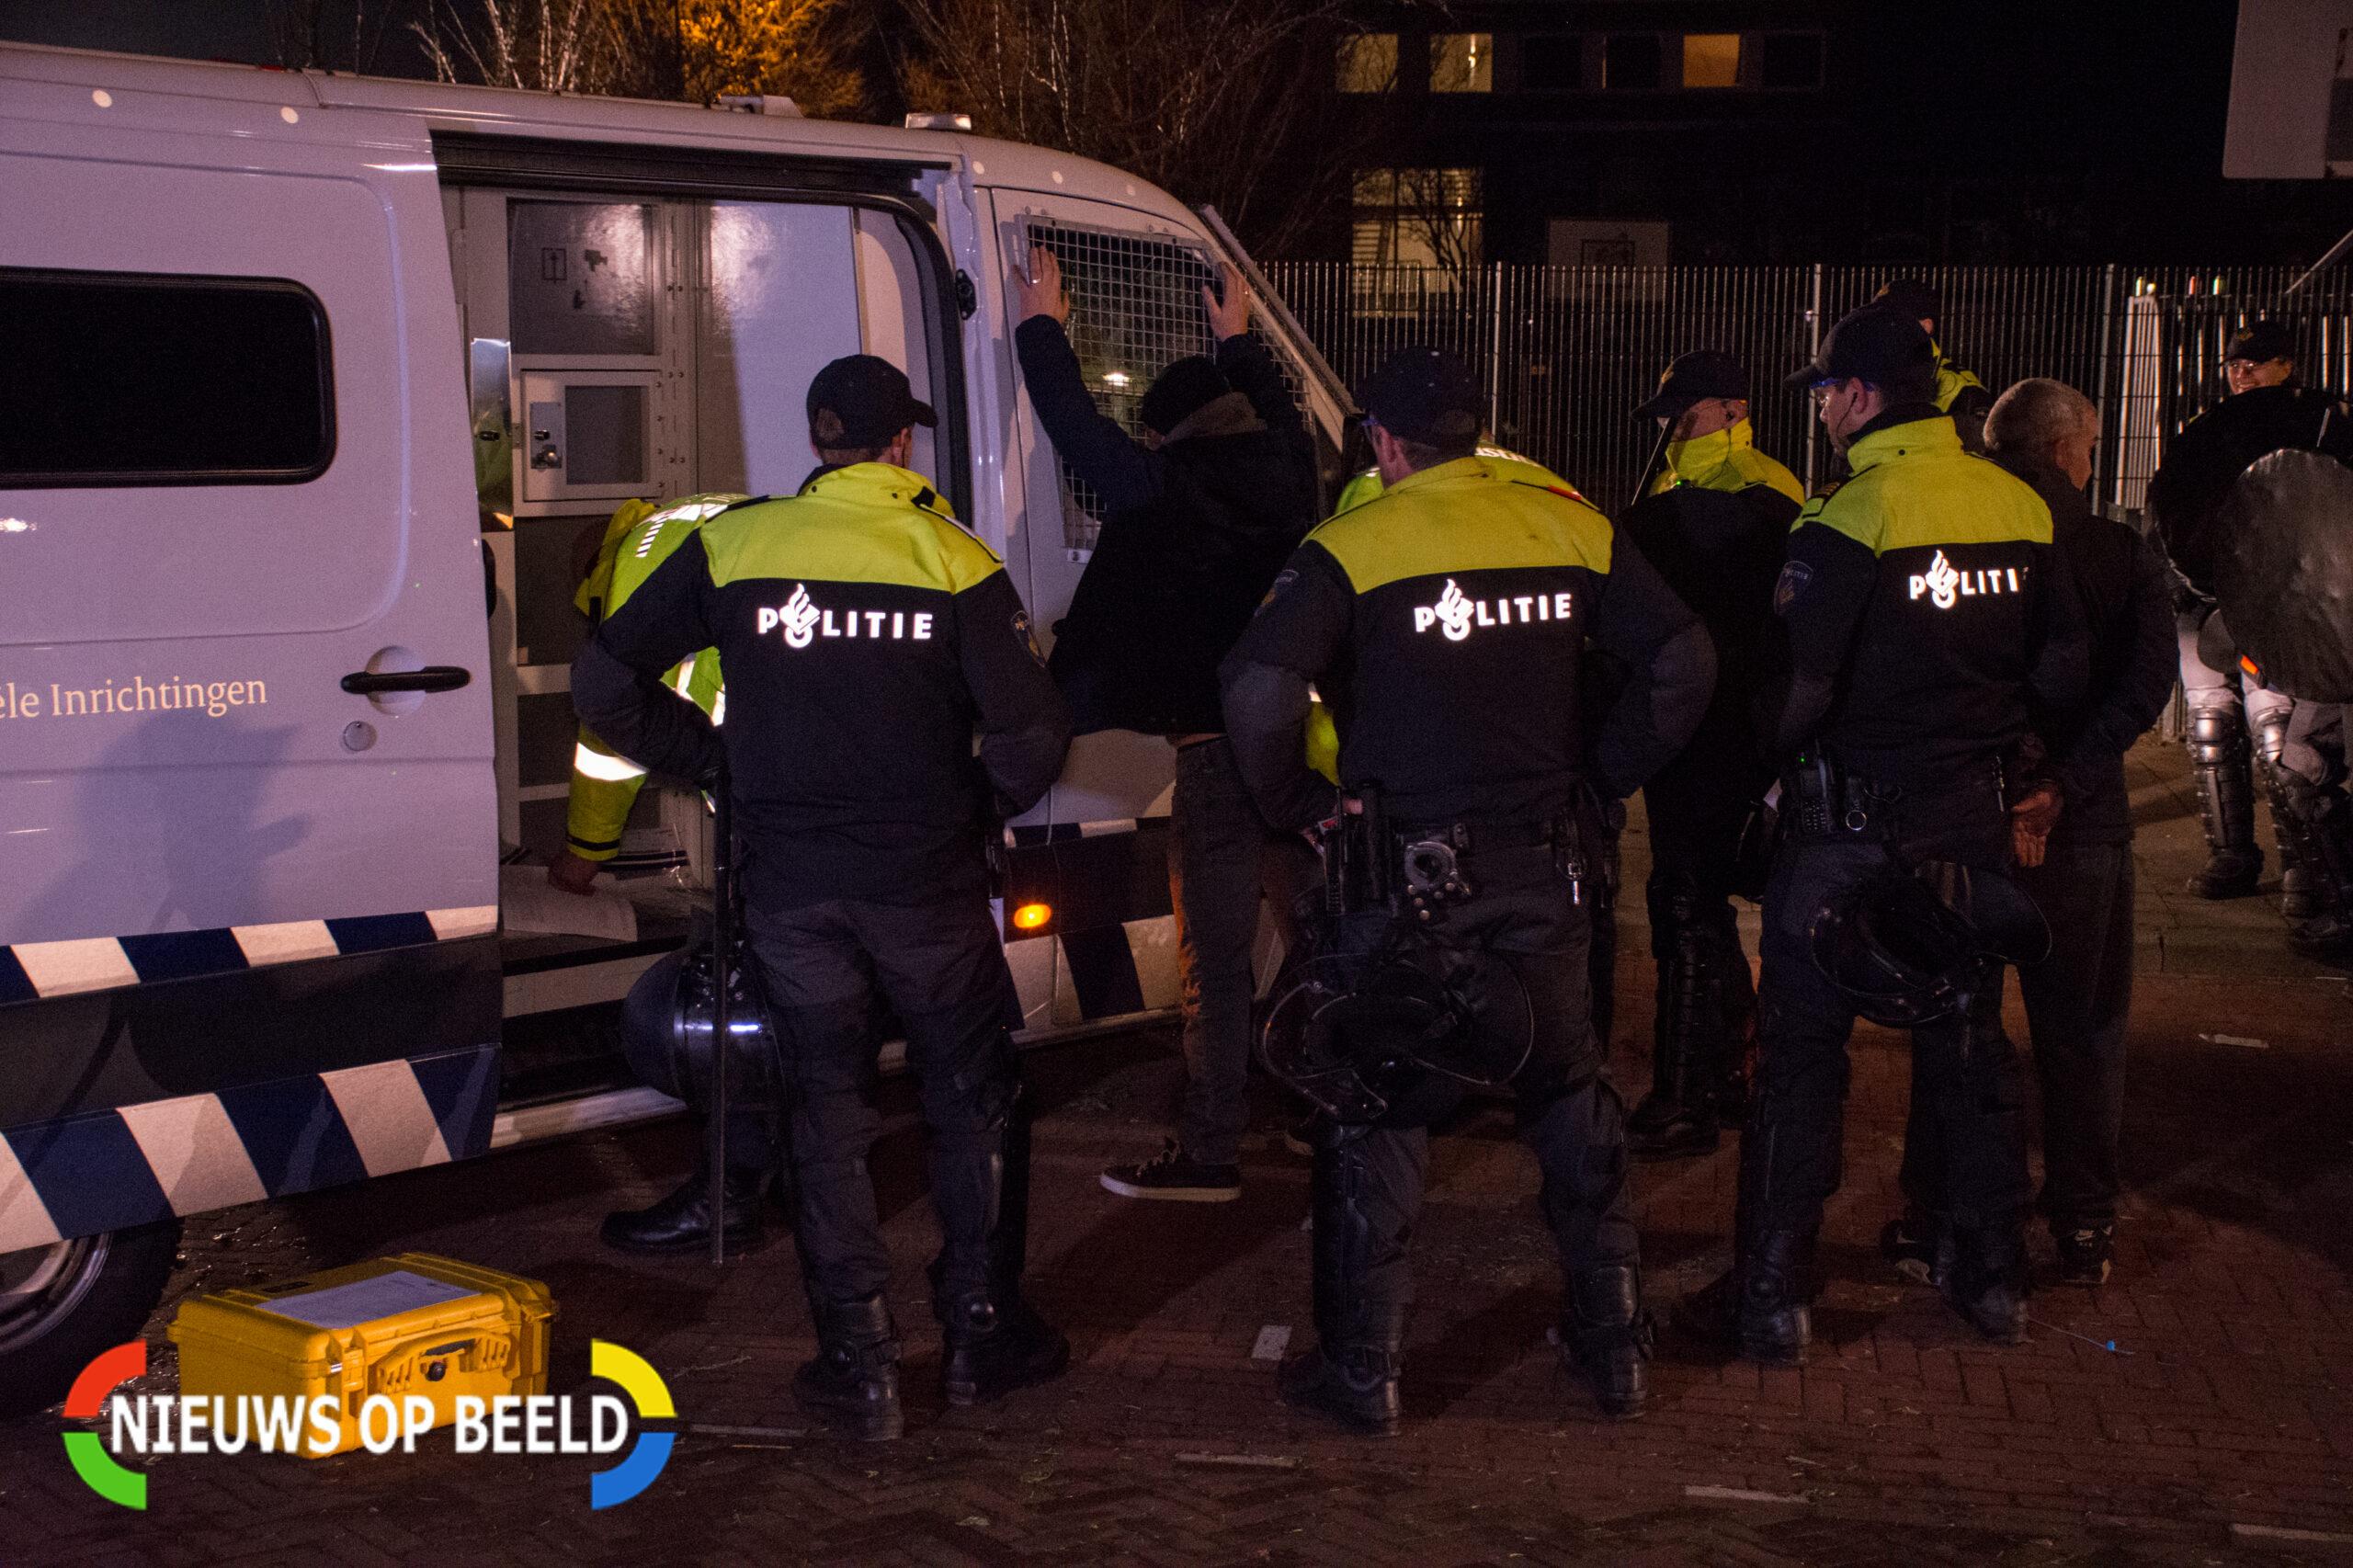 500 euro boete voor Scheveningse 'buurtvader' die persfotografen aanviel